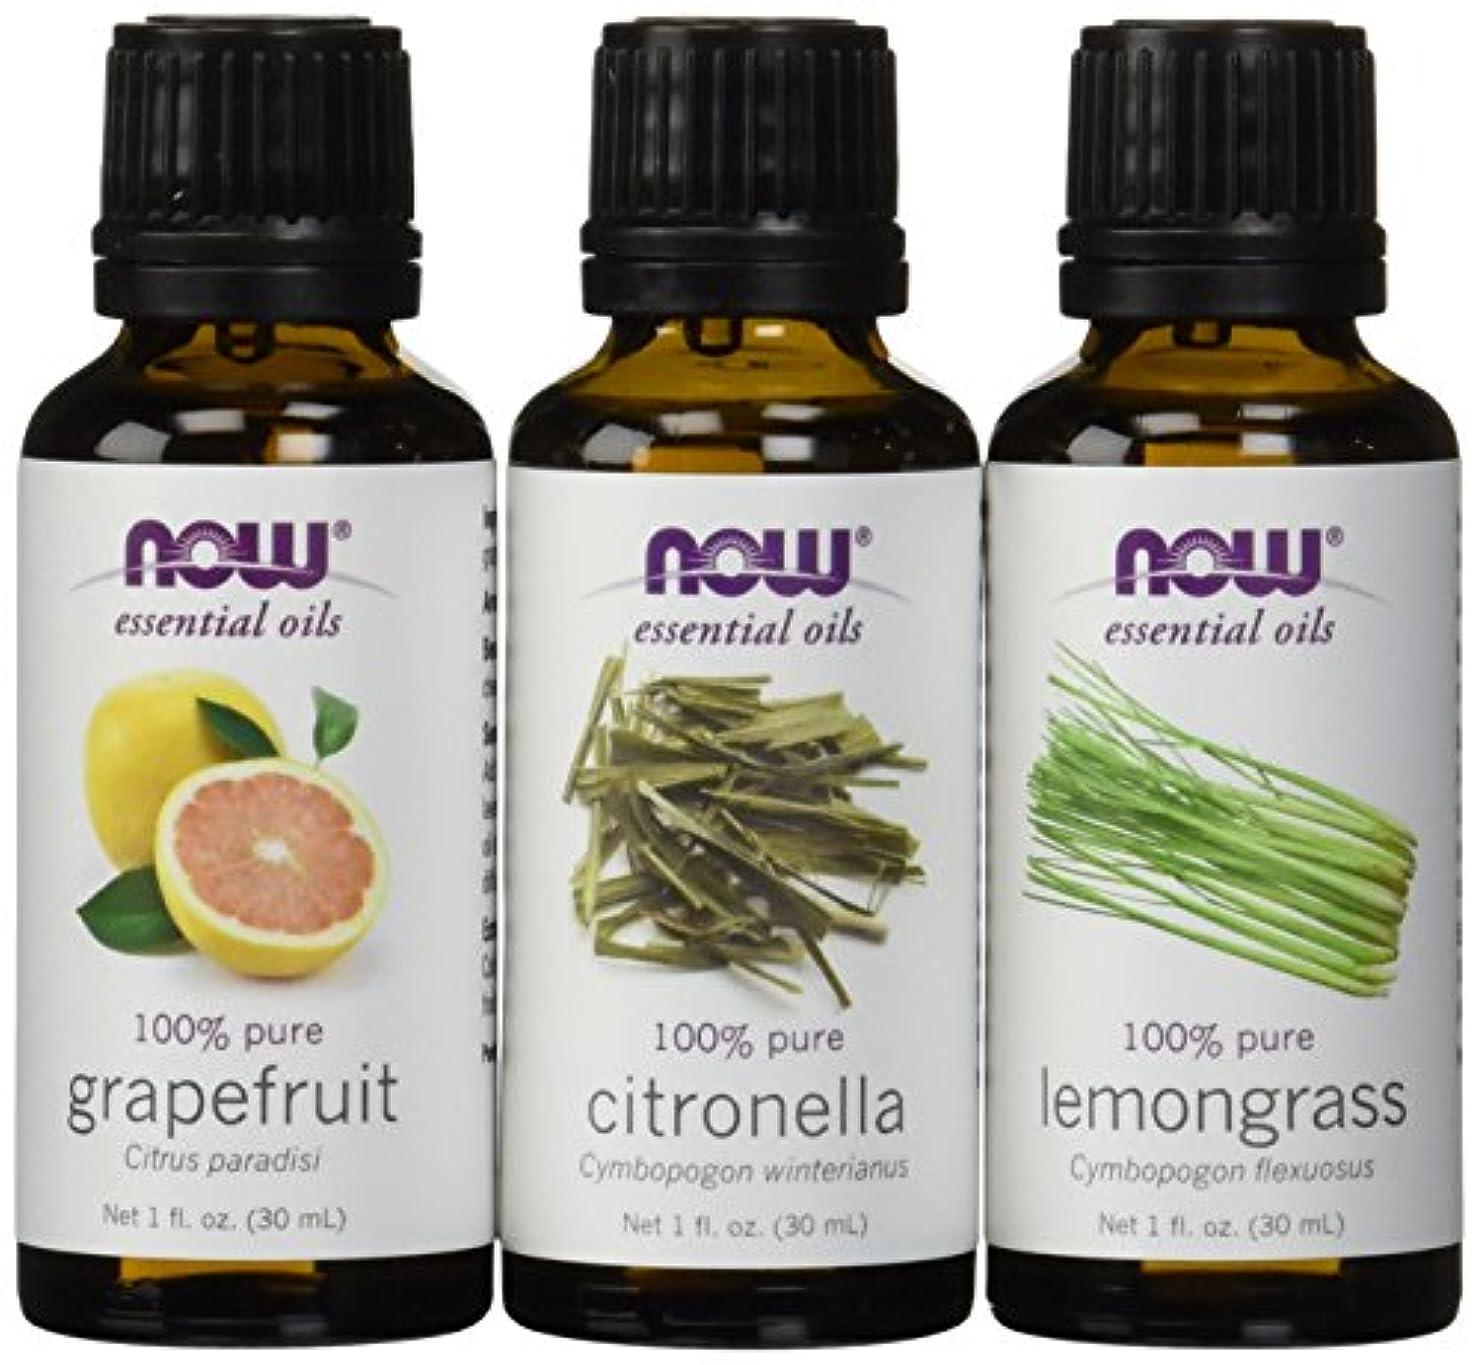 人生を作るトレーダー本虫除けに ナウフーズ エッセンシャルオイルブレンド:シトロネラ?レモングラス?グレープフルーツ[各30ml] NOW Essential Oils: Mosquito Repellent Blend - Citronella...